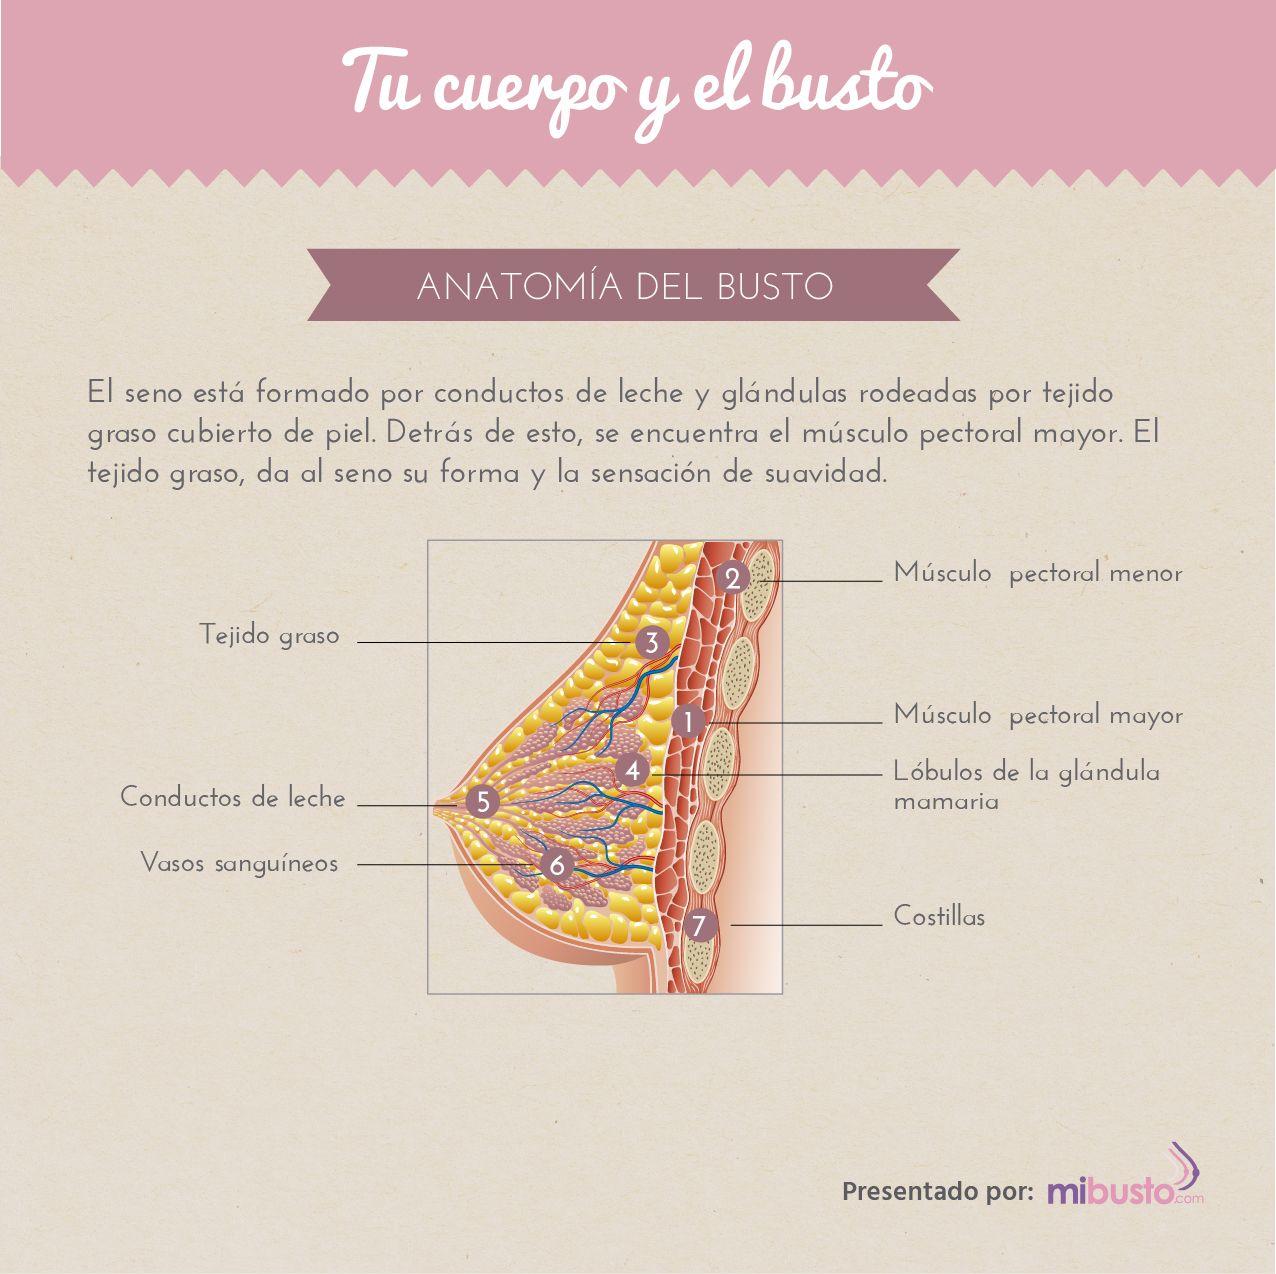 Anatomía del busto | MiBusto.com